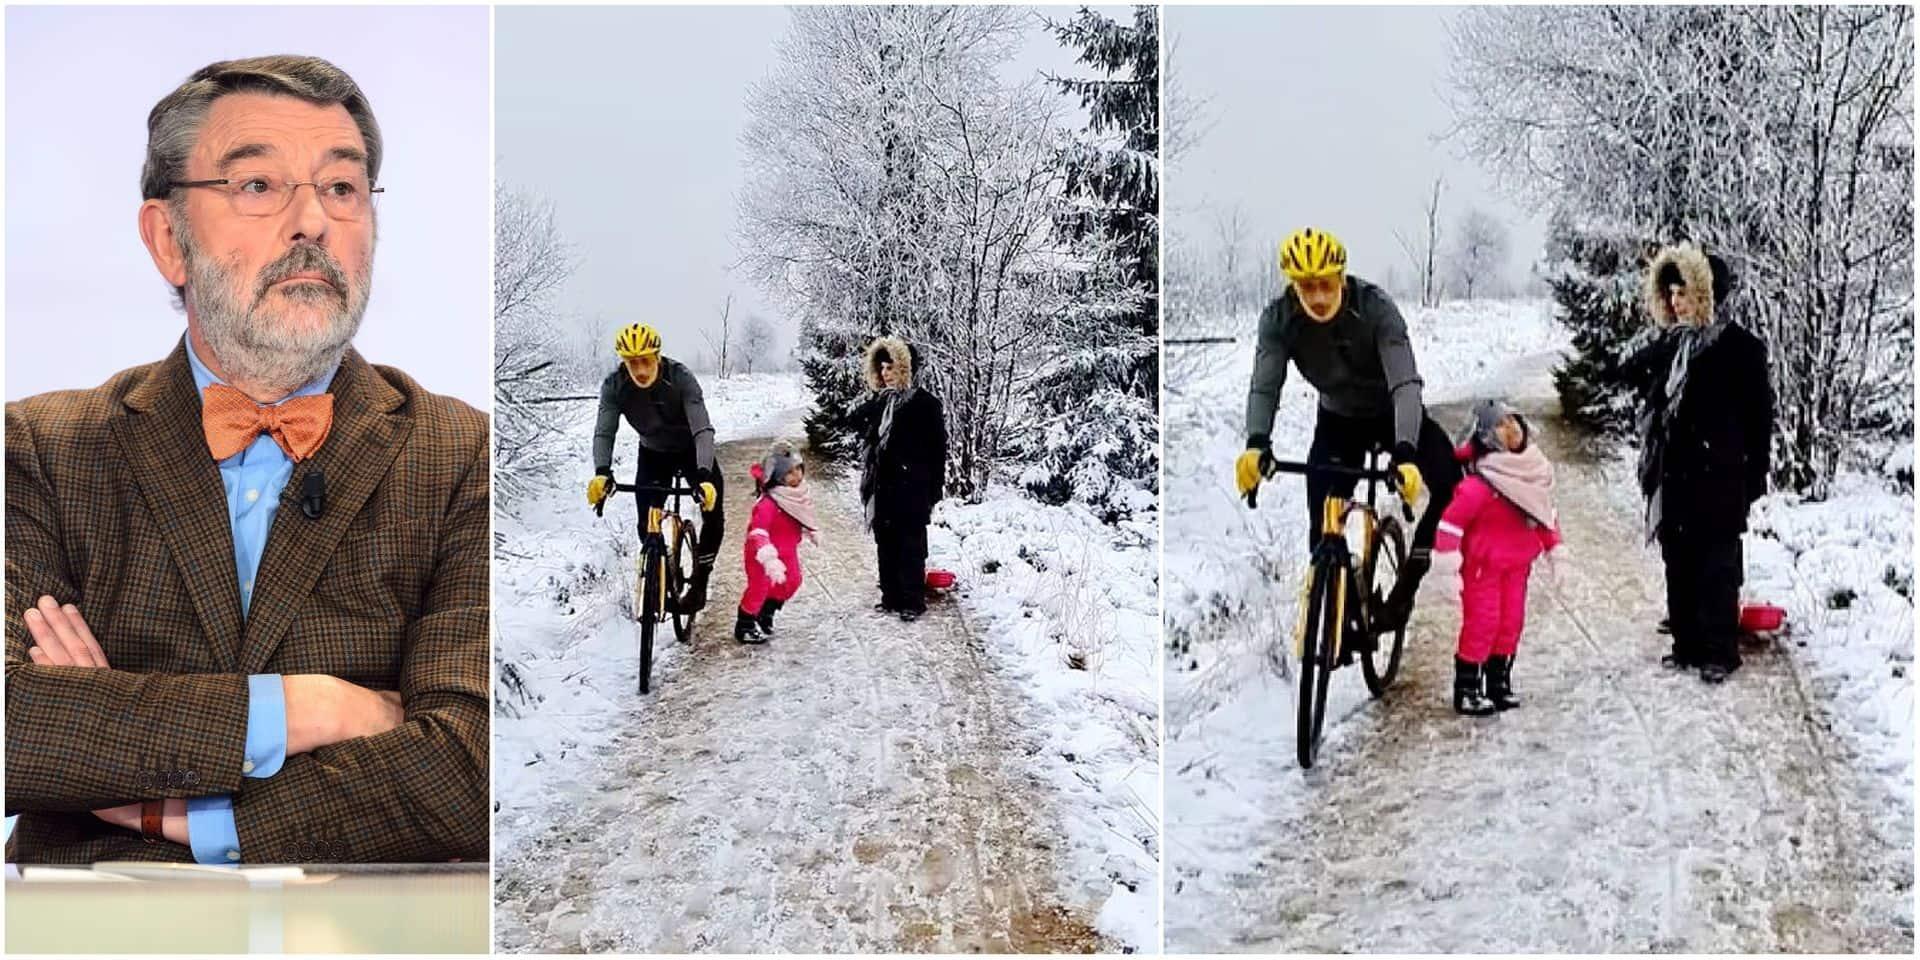 Resultado de imagem para Patrick Mpasa cyclist